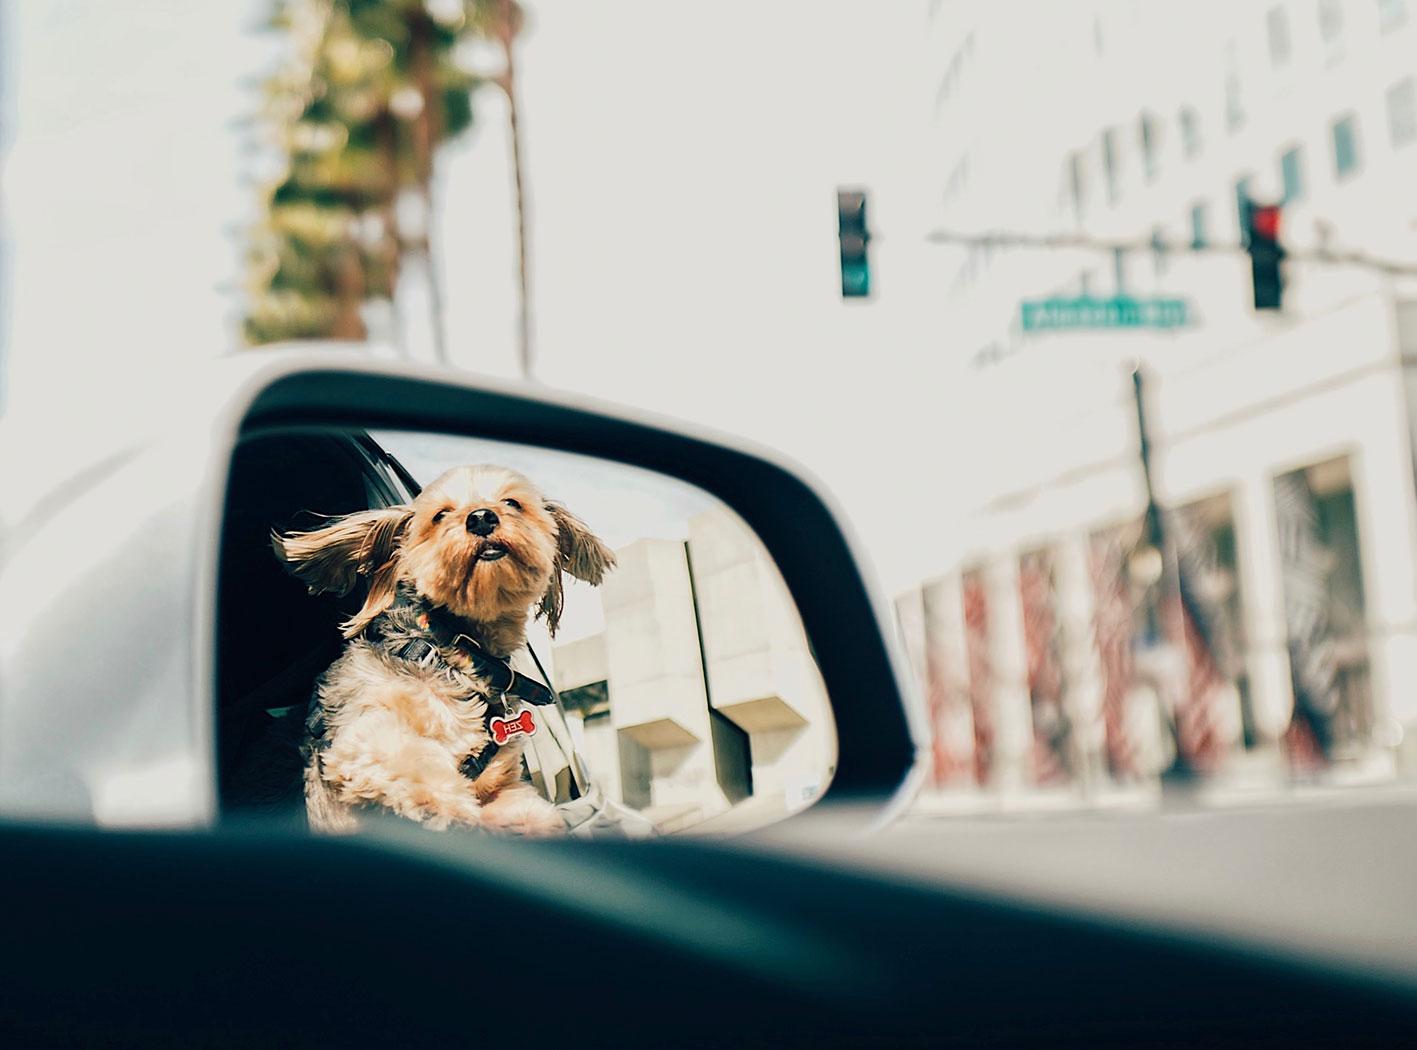 Hund fahrt mit im Auto - Hunderführerschein